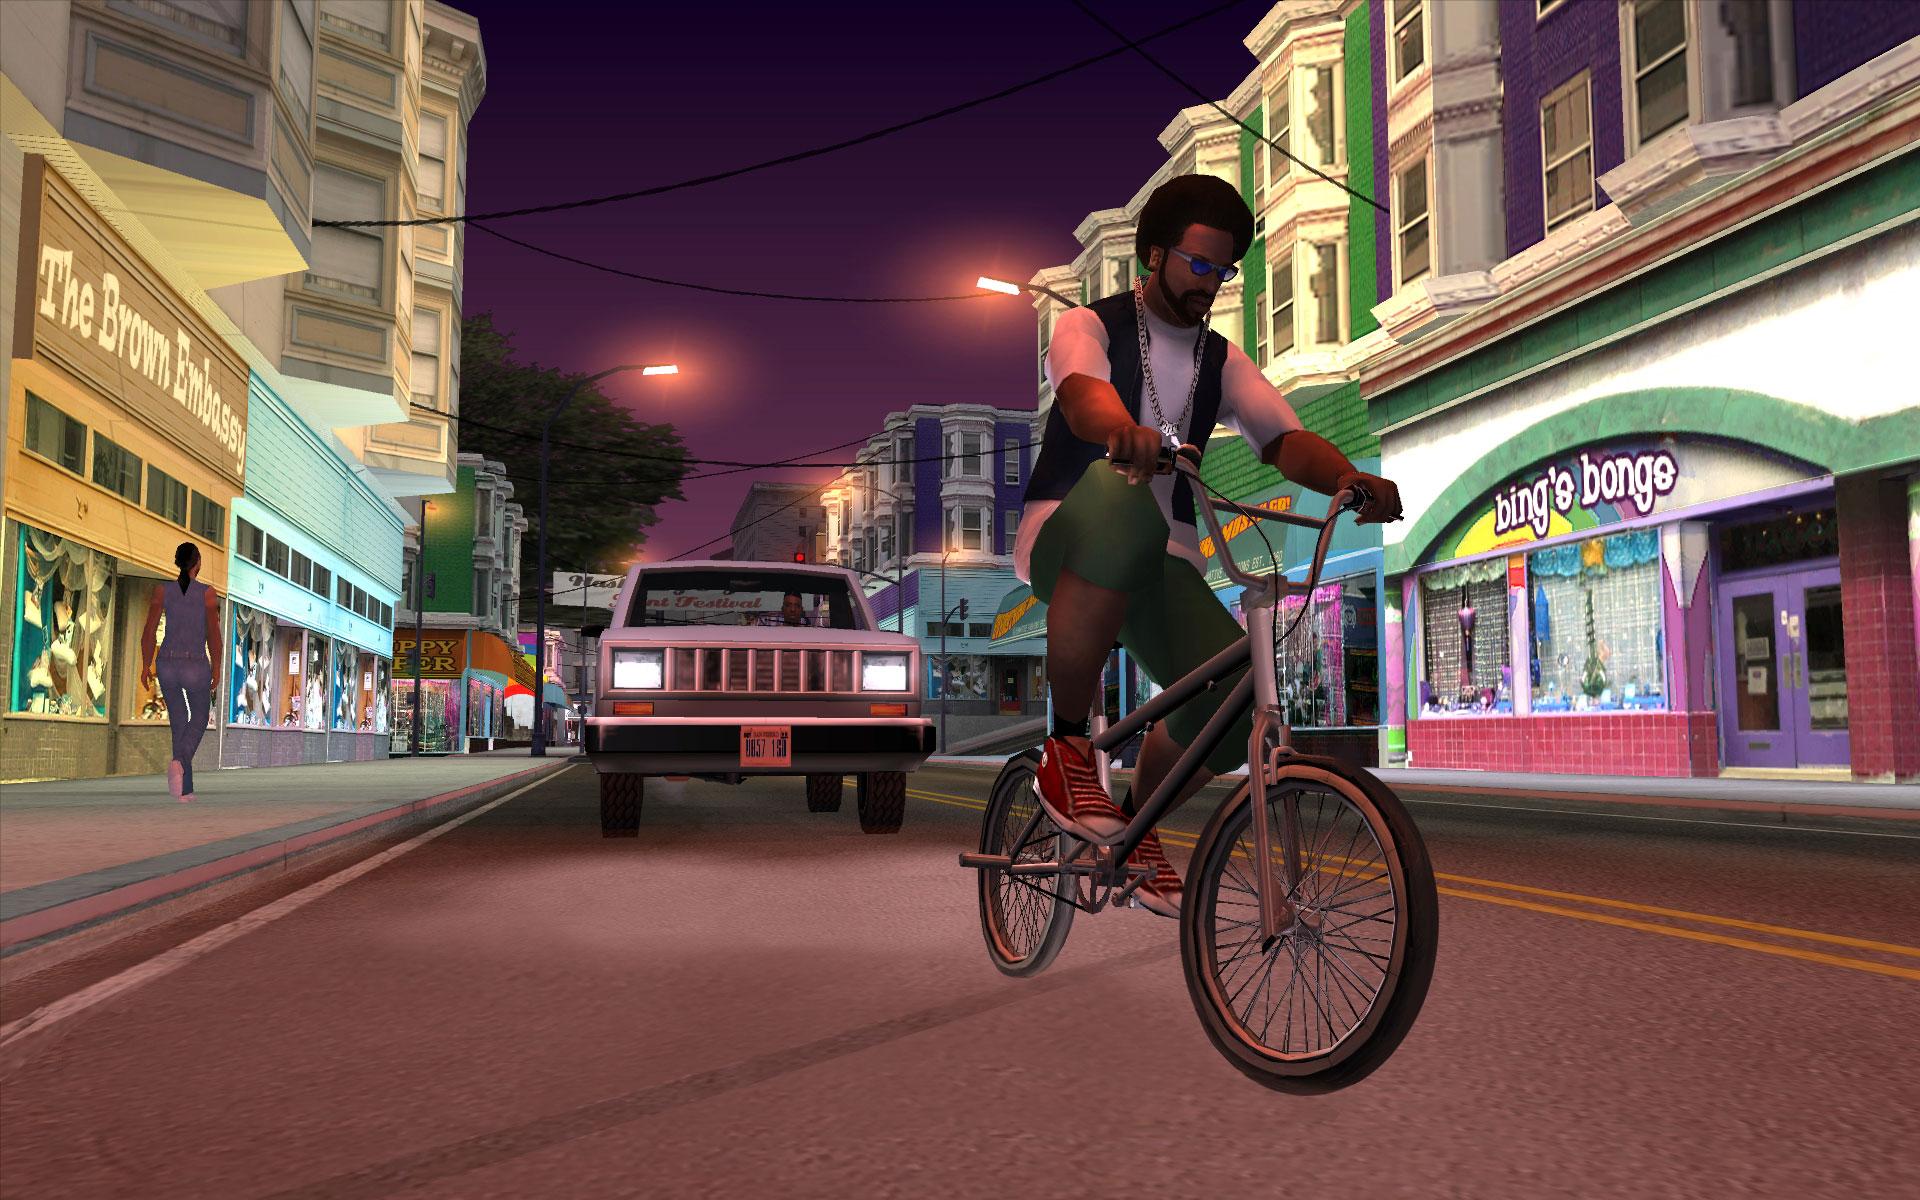 Rockstar Regalara Gta San Andreas En One A Los Usuarios Del Juego De